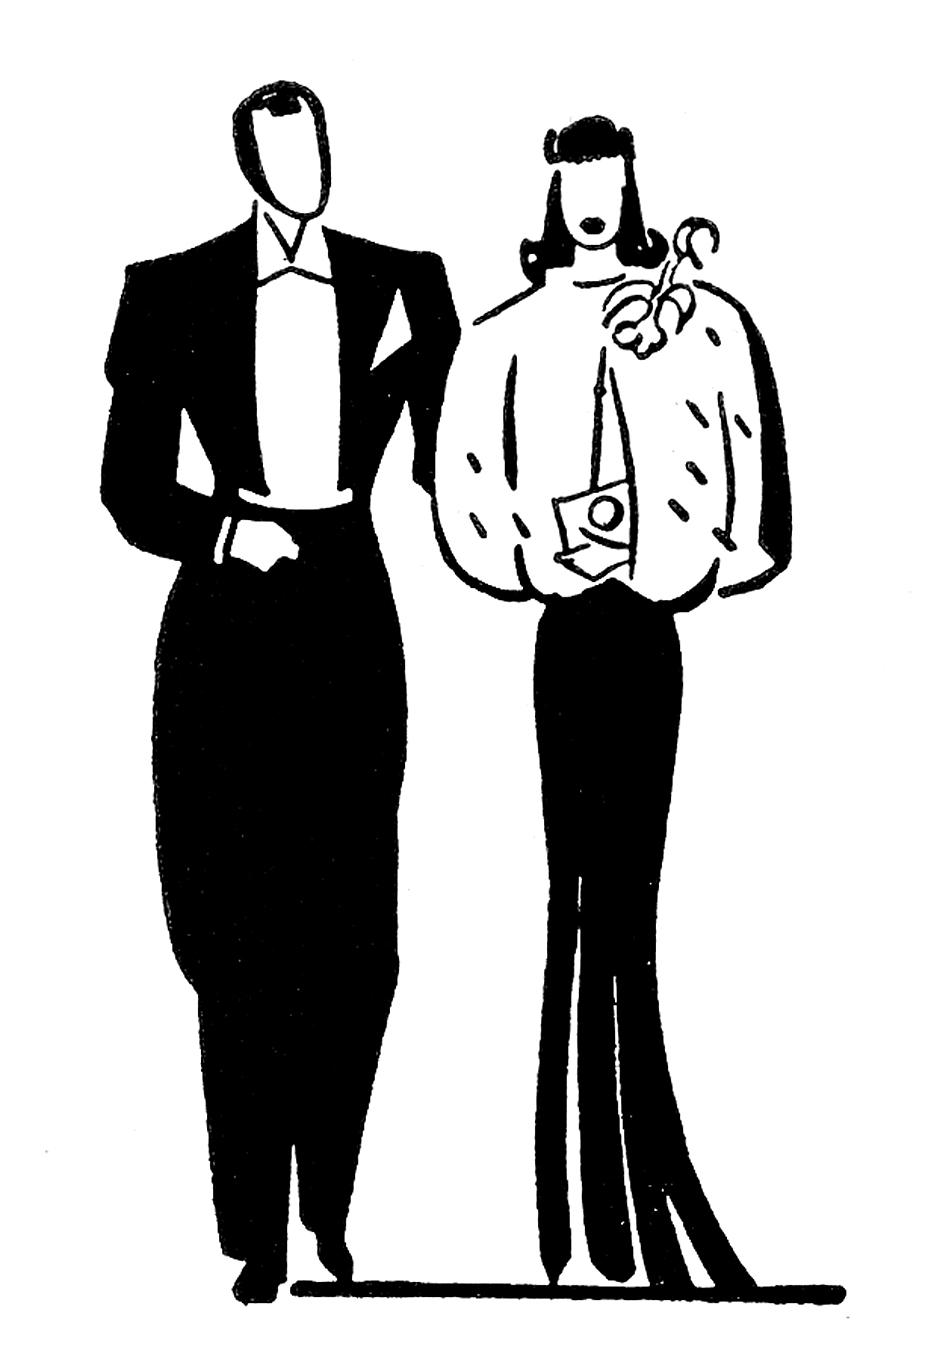 Retro clip art couples anniversary